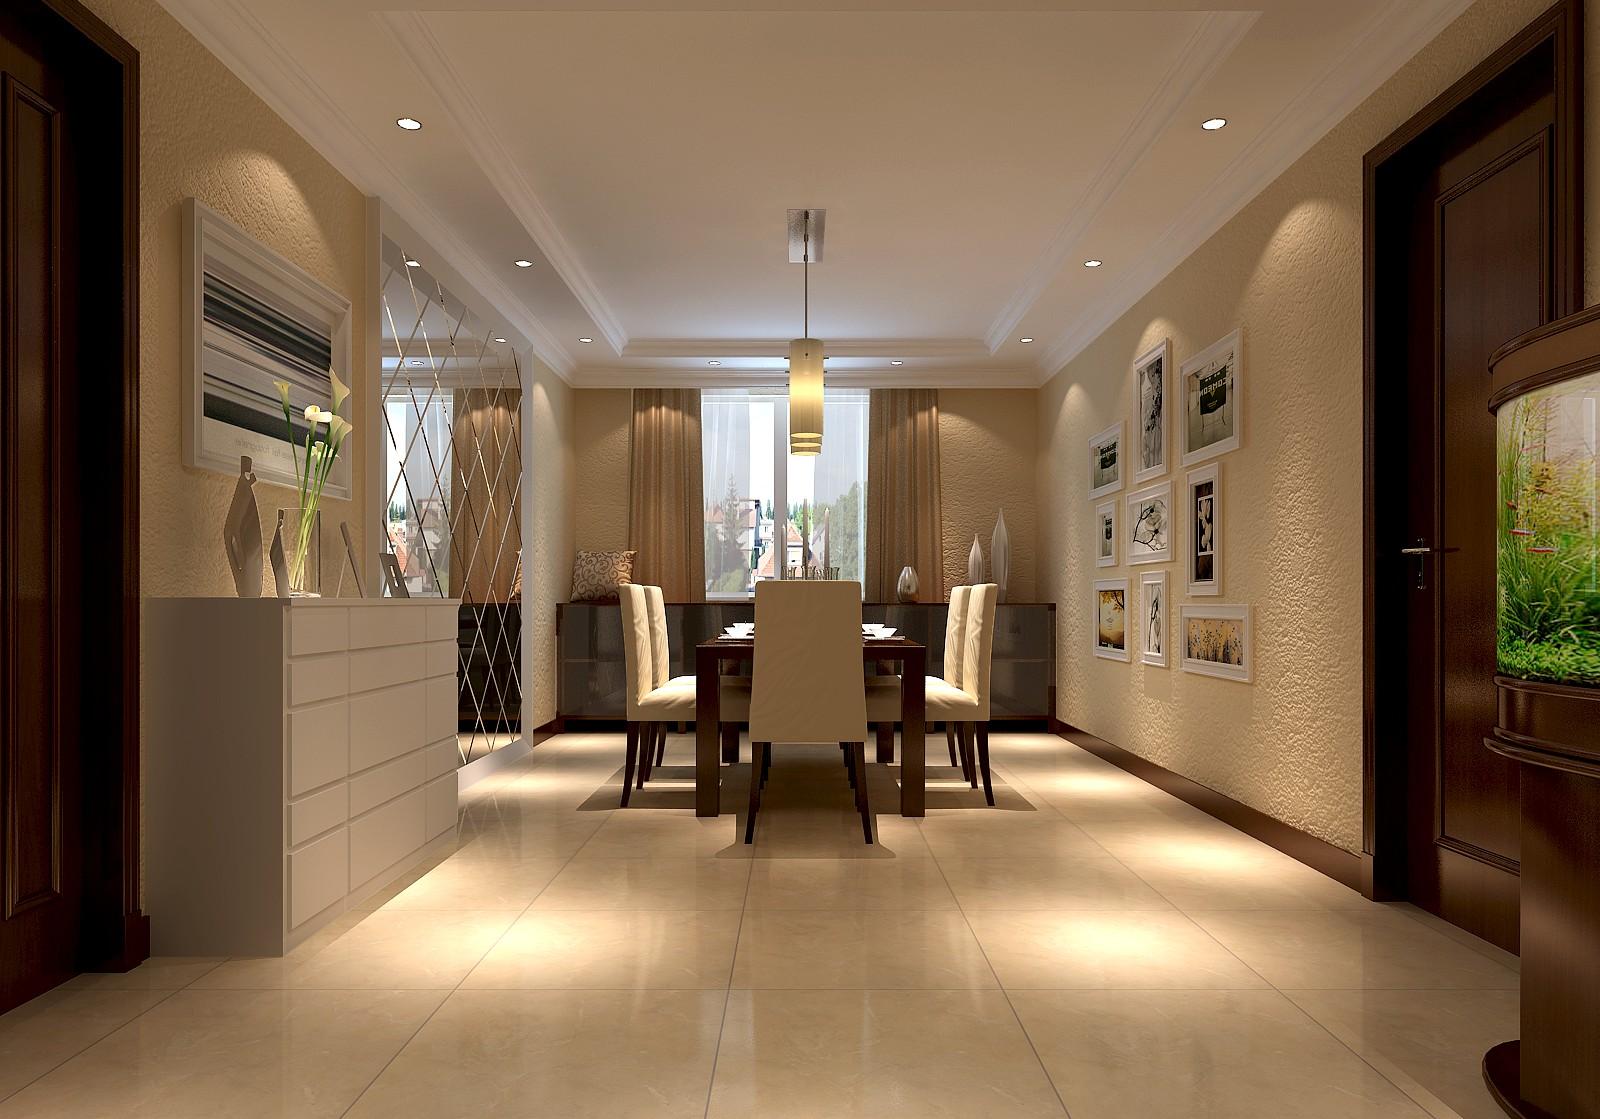 美式 混搭 白领 收纳 小资 高度国际 小清新 温馨舒适 餐厅图片来自高度国际王慧芳在美式休闲百旺家园的分享